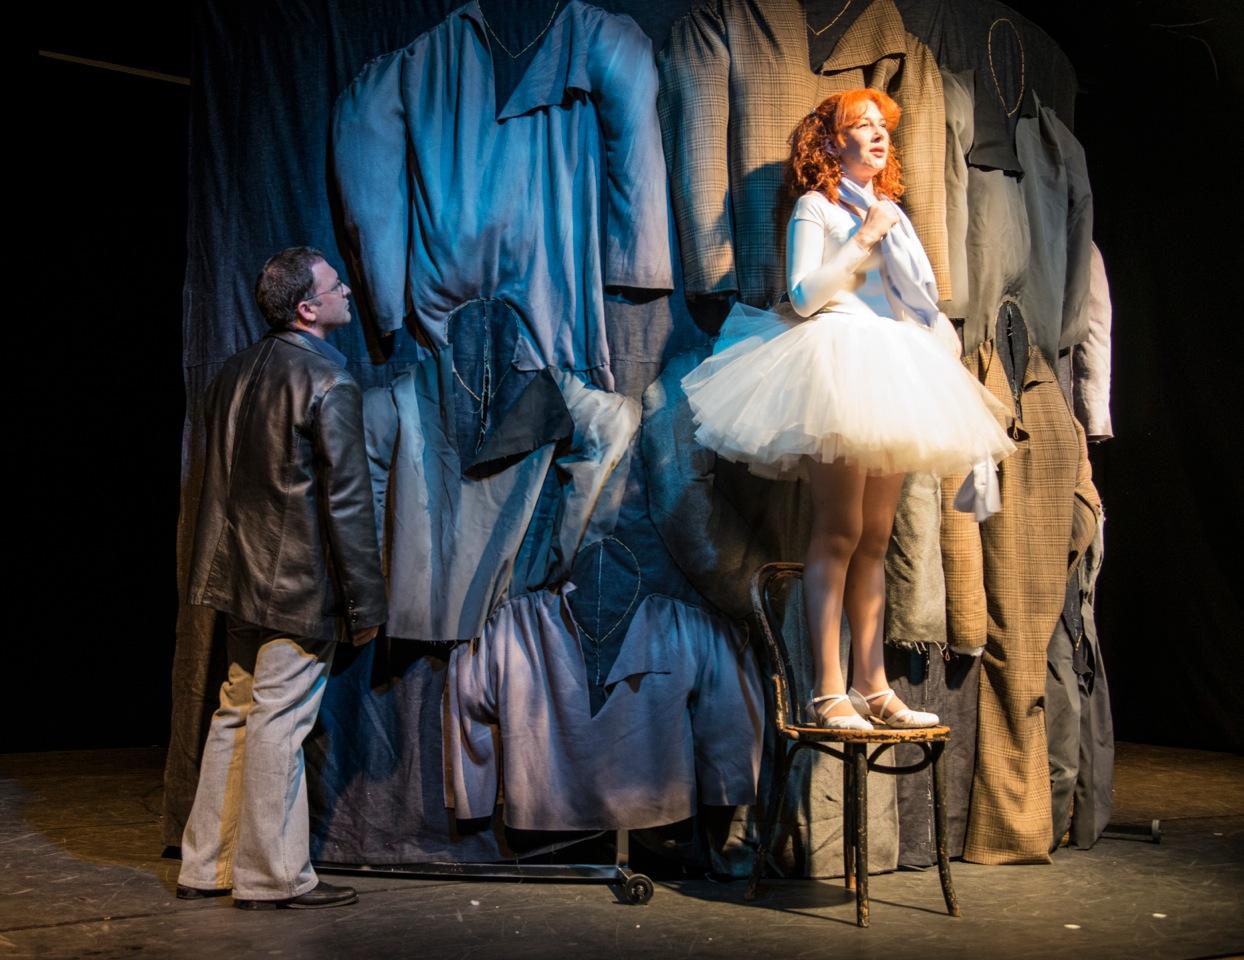 Юбилейный спектакль «Иностранка» театра «Маленький» на сцене центра «Сузан Далаль»  в Тель-Авиве 12 января